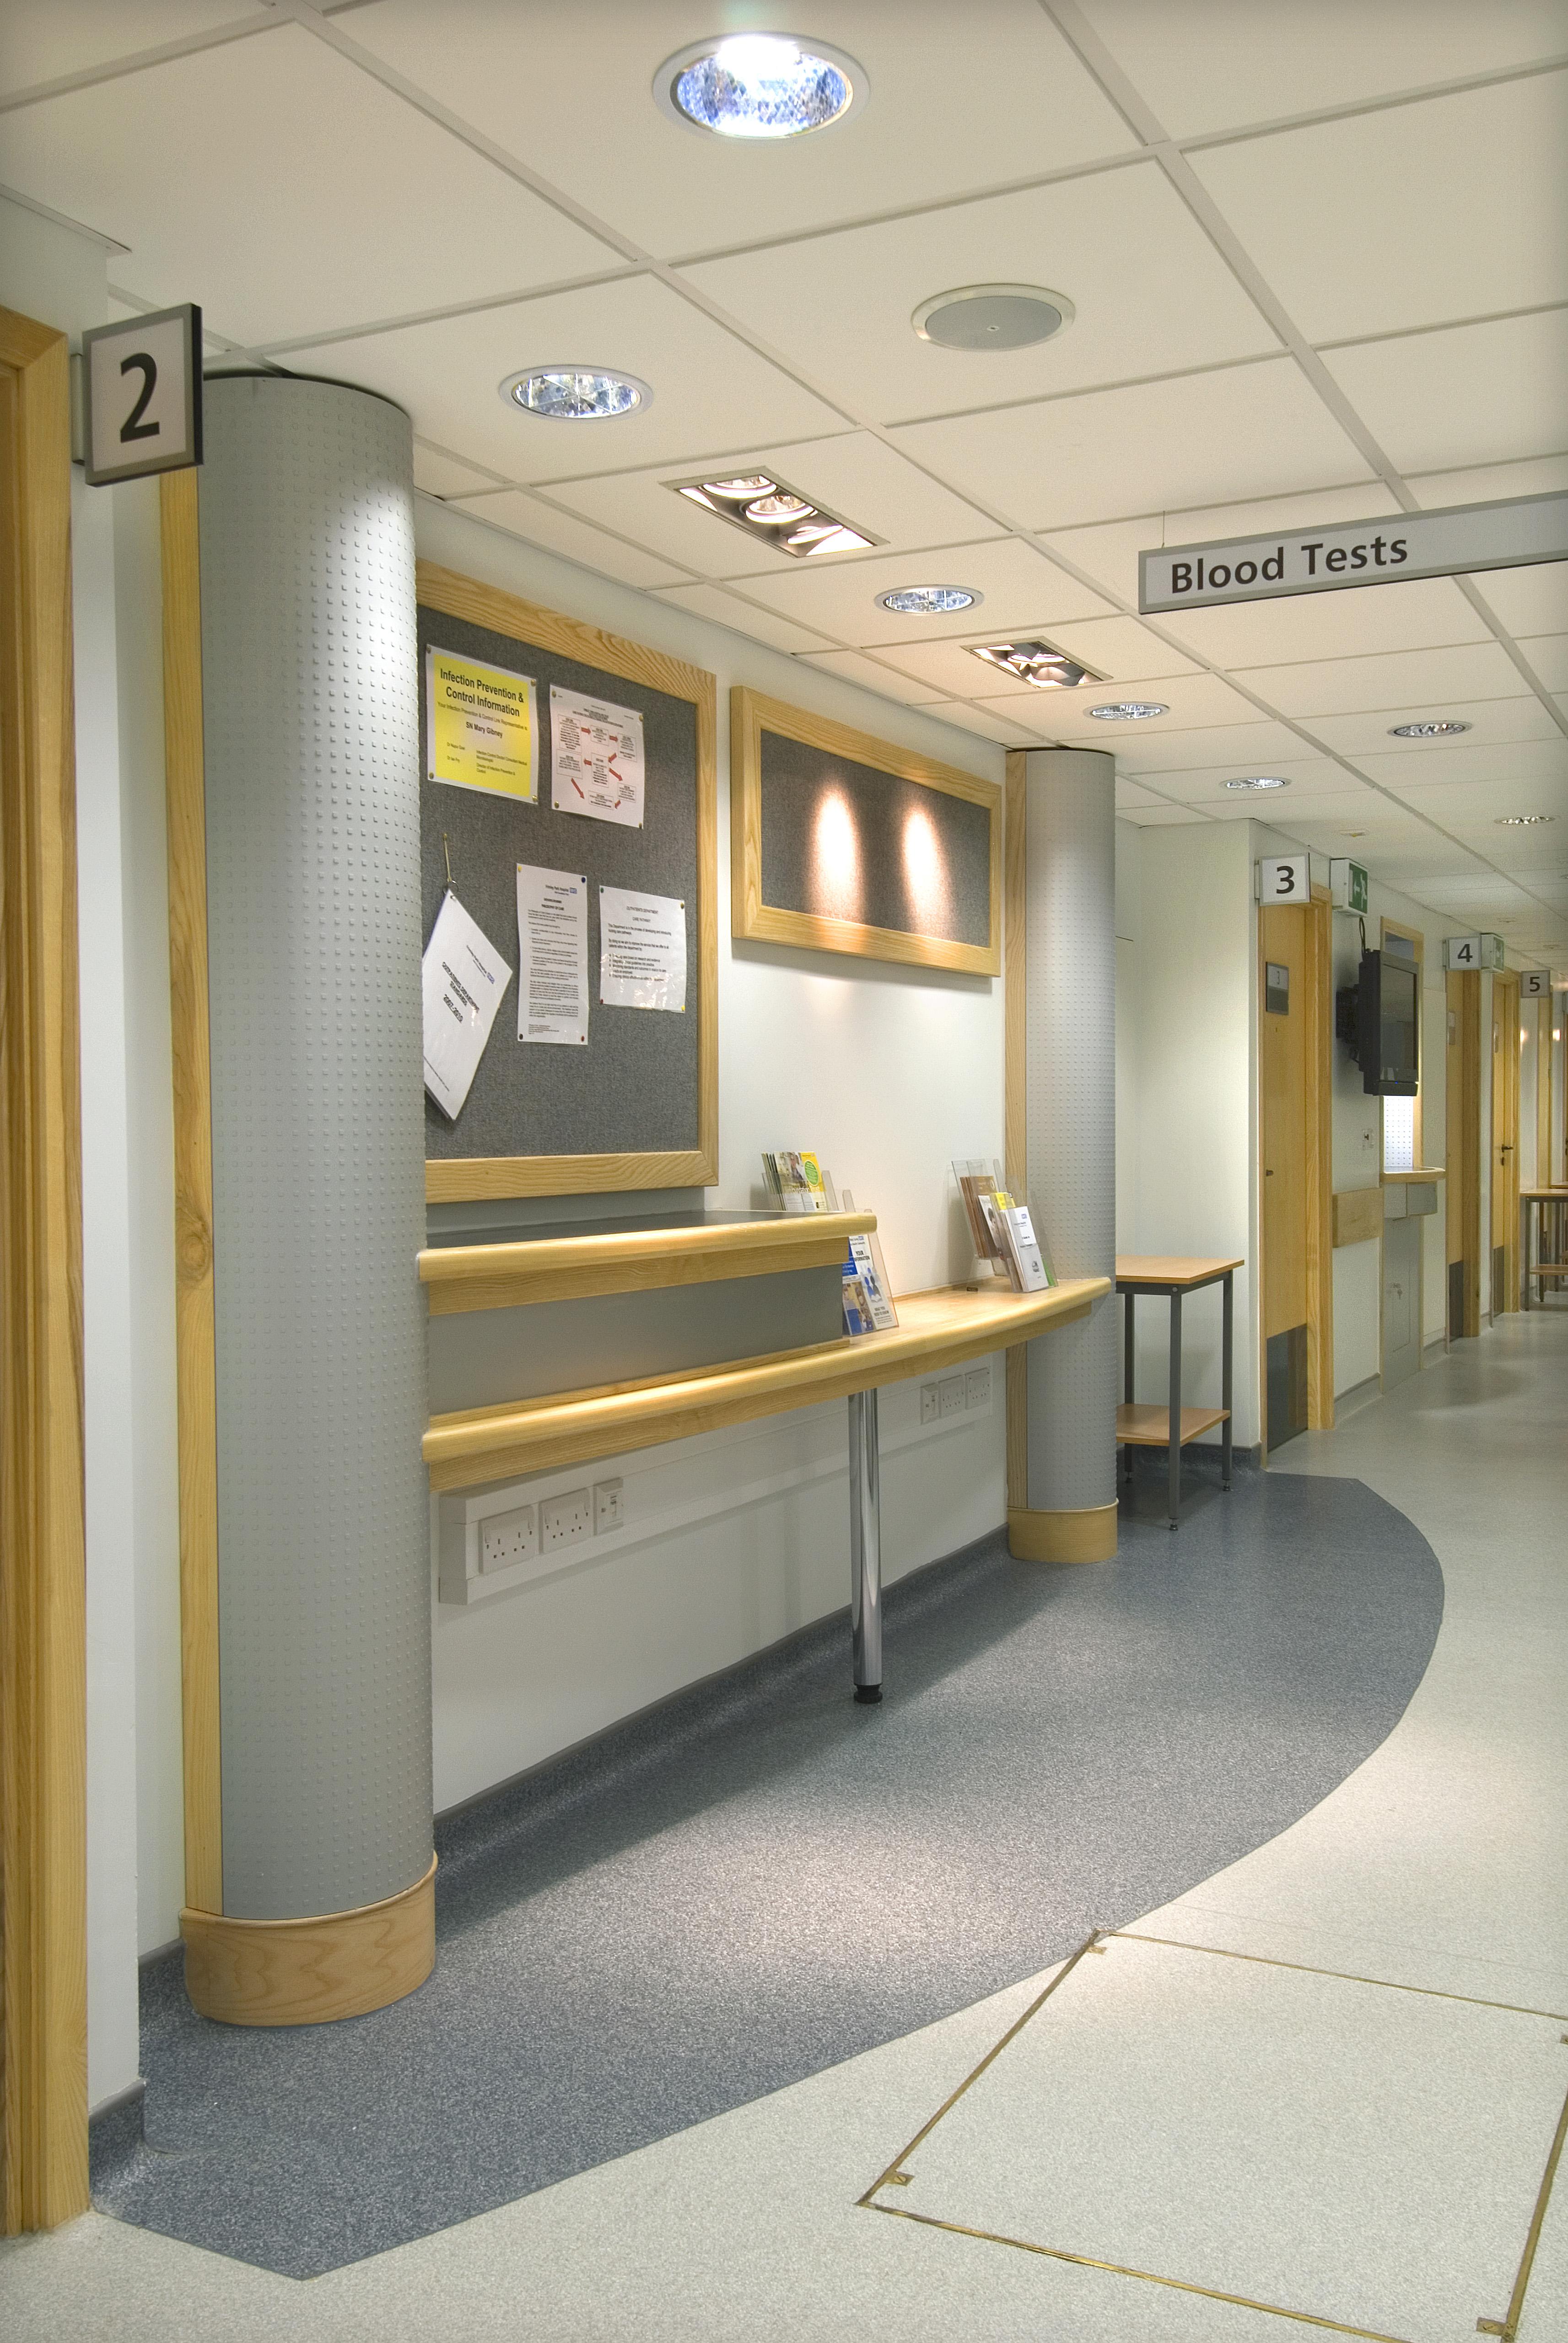 frimley-park-hospital-sept-09-40